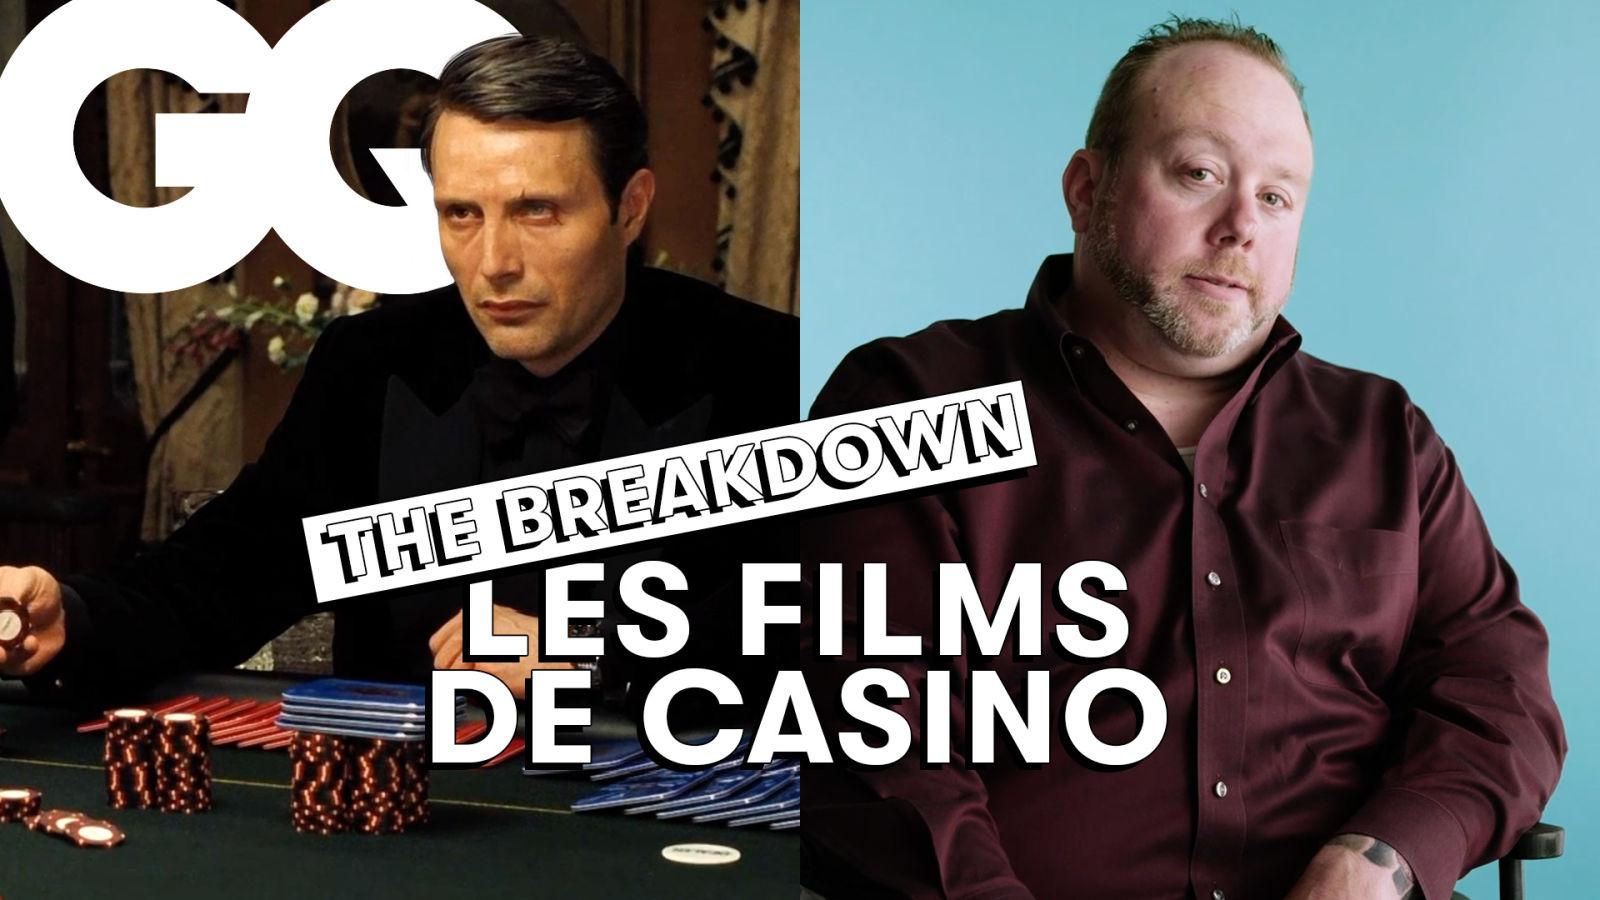 Le patron d'un casino analyse des scènes de jeu : Ocean's 13, Casino Royale, Very Bad Trip